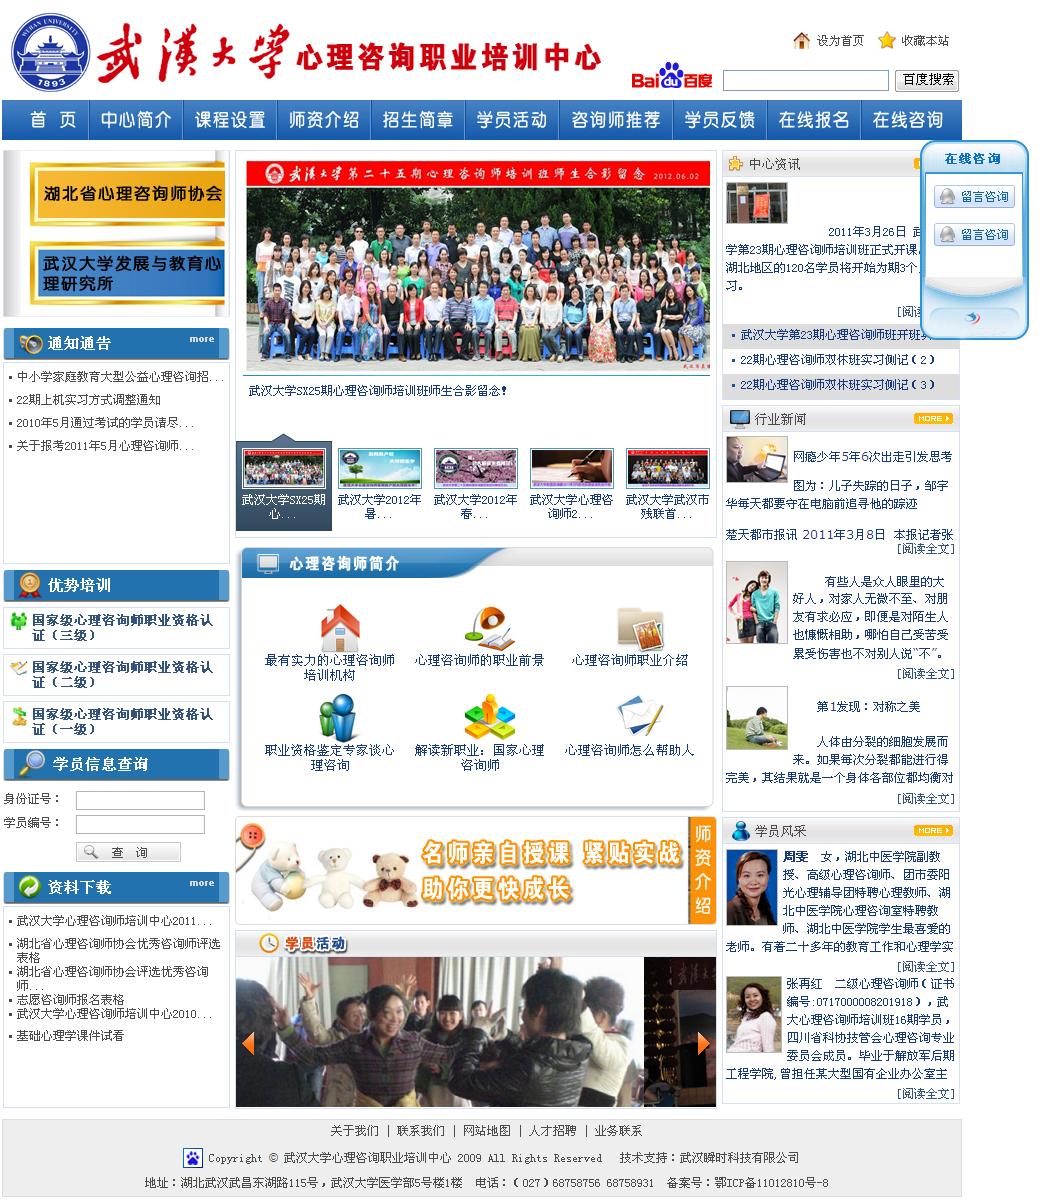 武汉大学心理咨询师职业培训中心